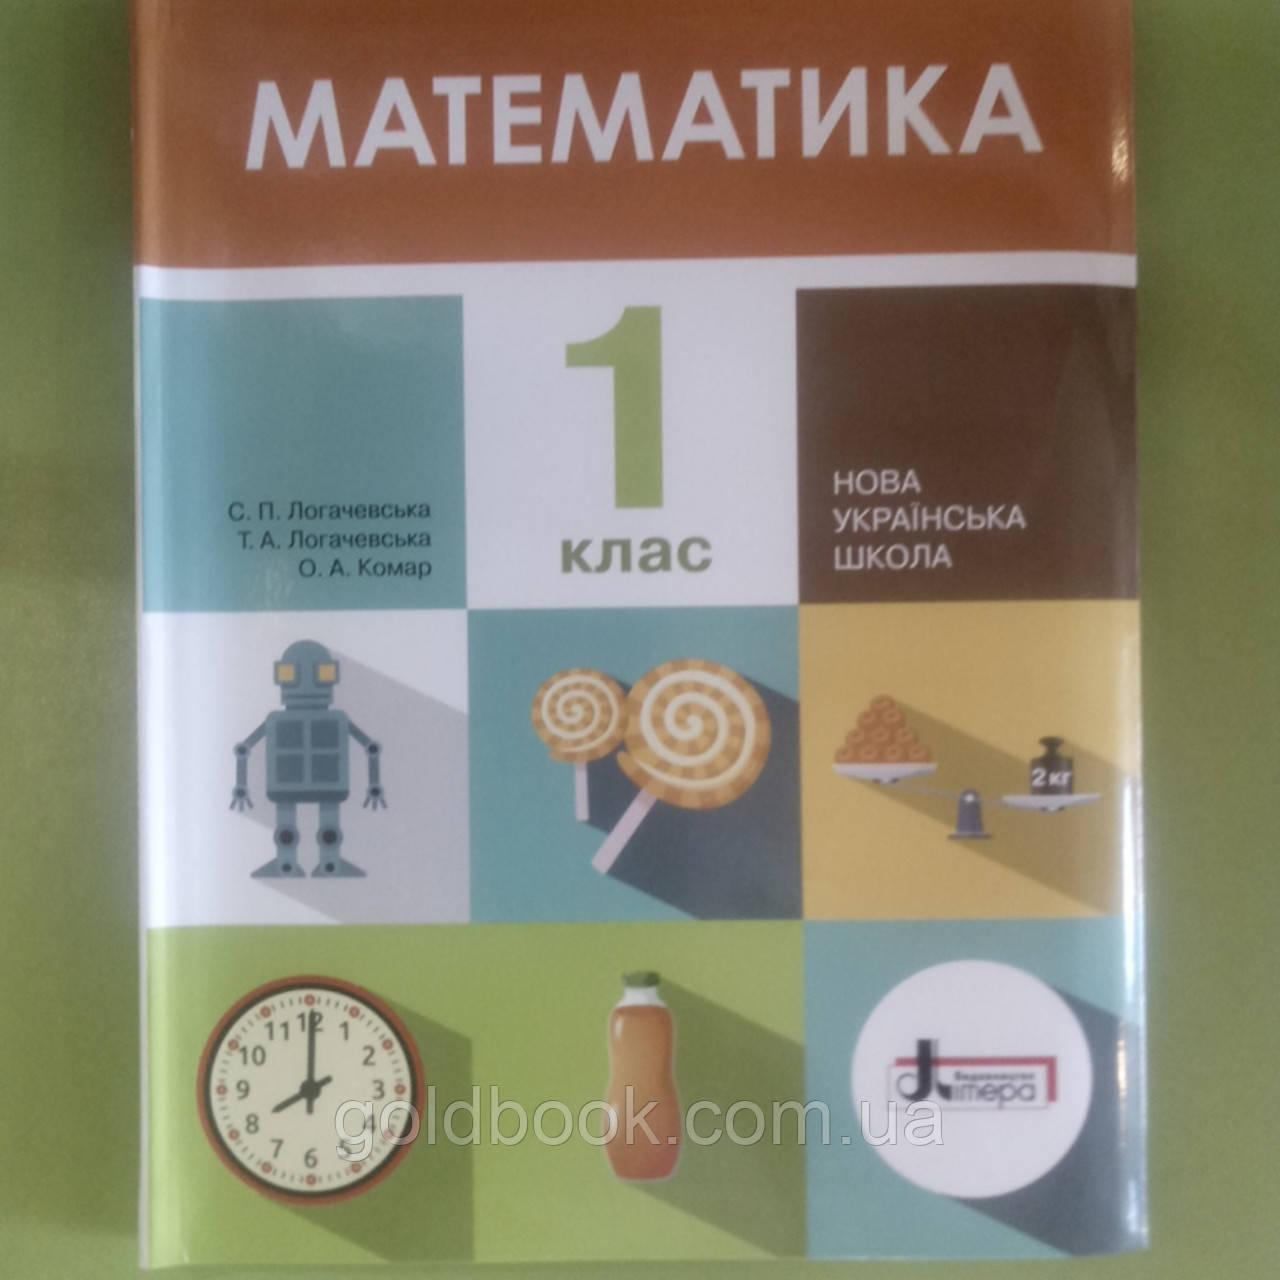 Математика 1 клас підручник